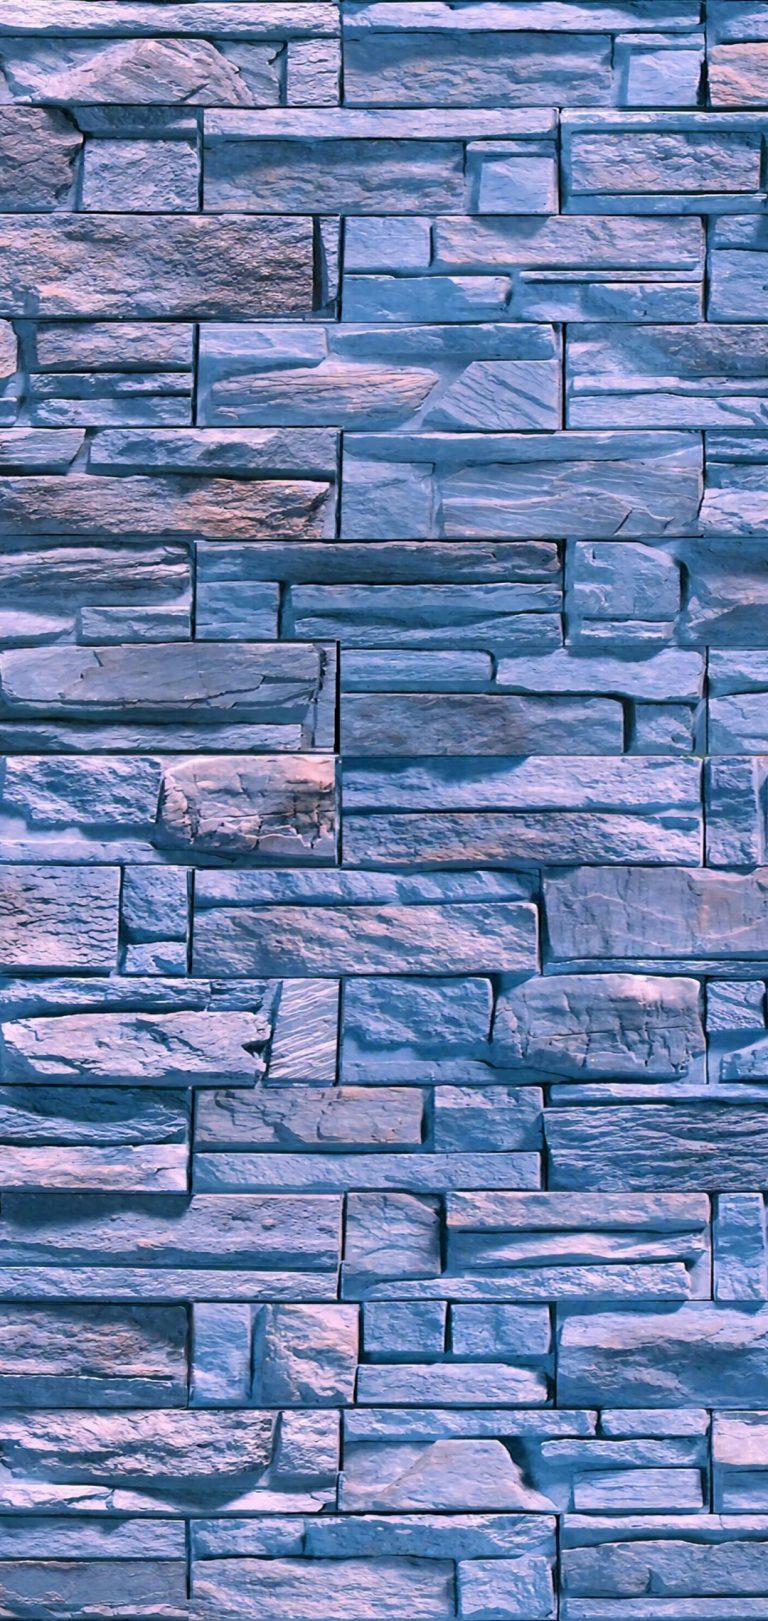 1080x2280 Wallpaper 100 768x1621